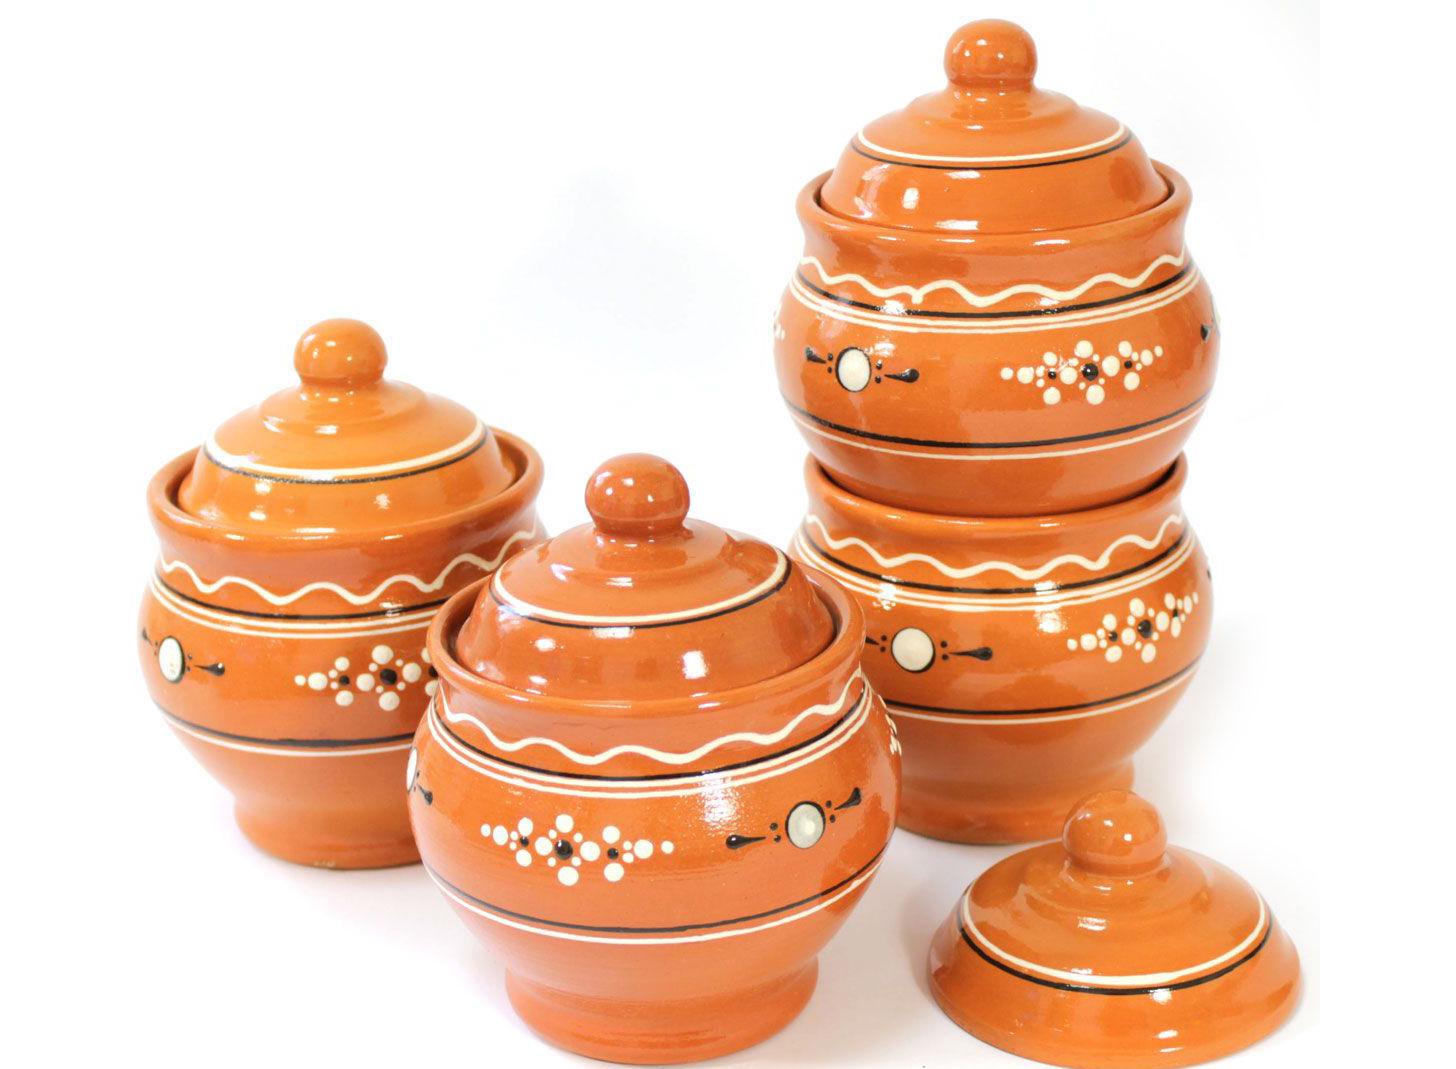 Горшки для запекания «Ломоносовская керамика»